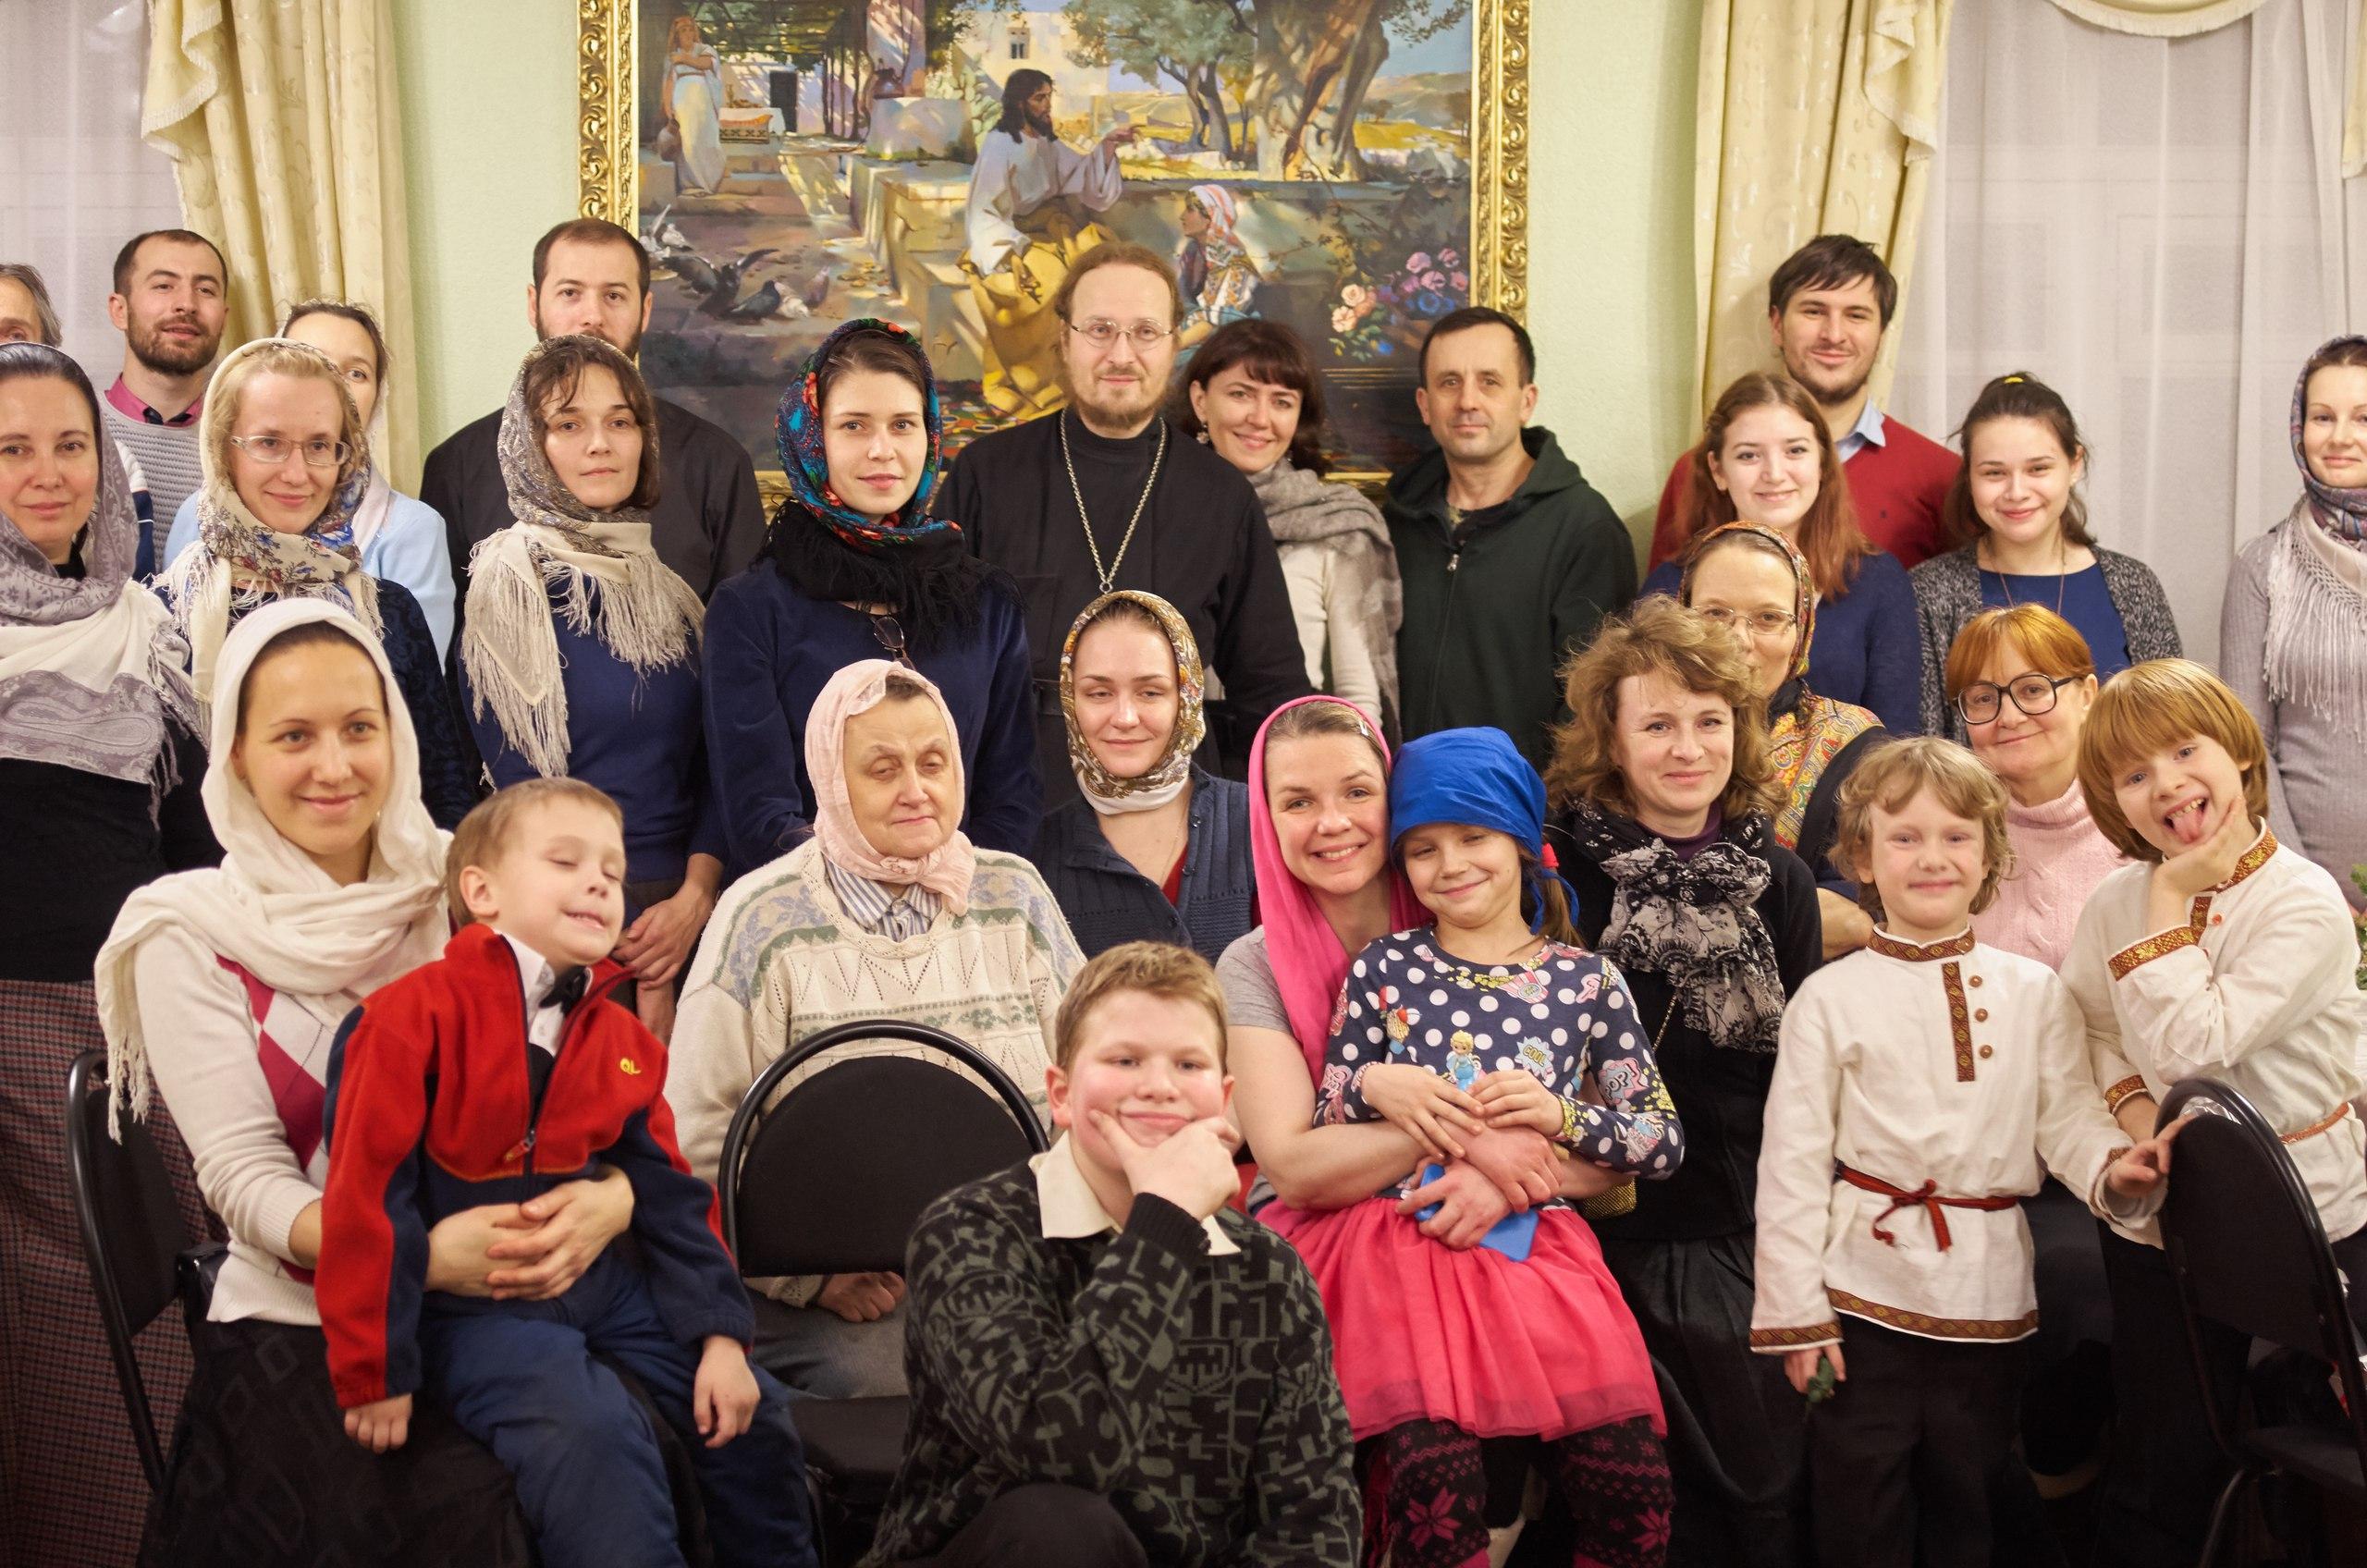 Санкт-Петербургская, г. Санкт-Петербург (духовно-просветительское общество)